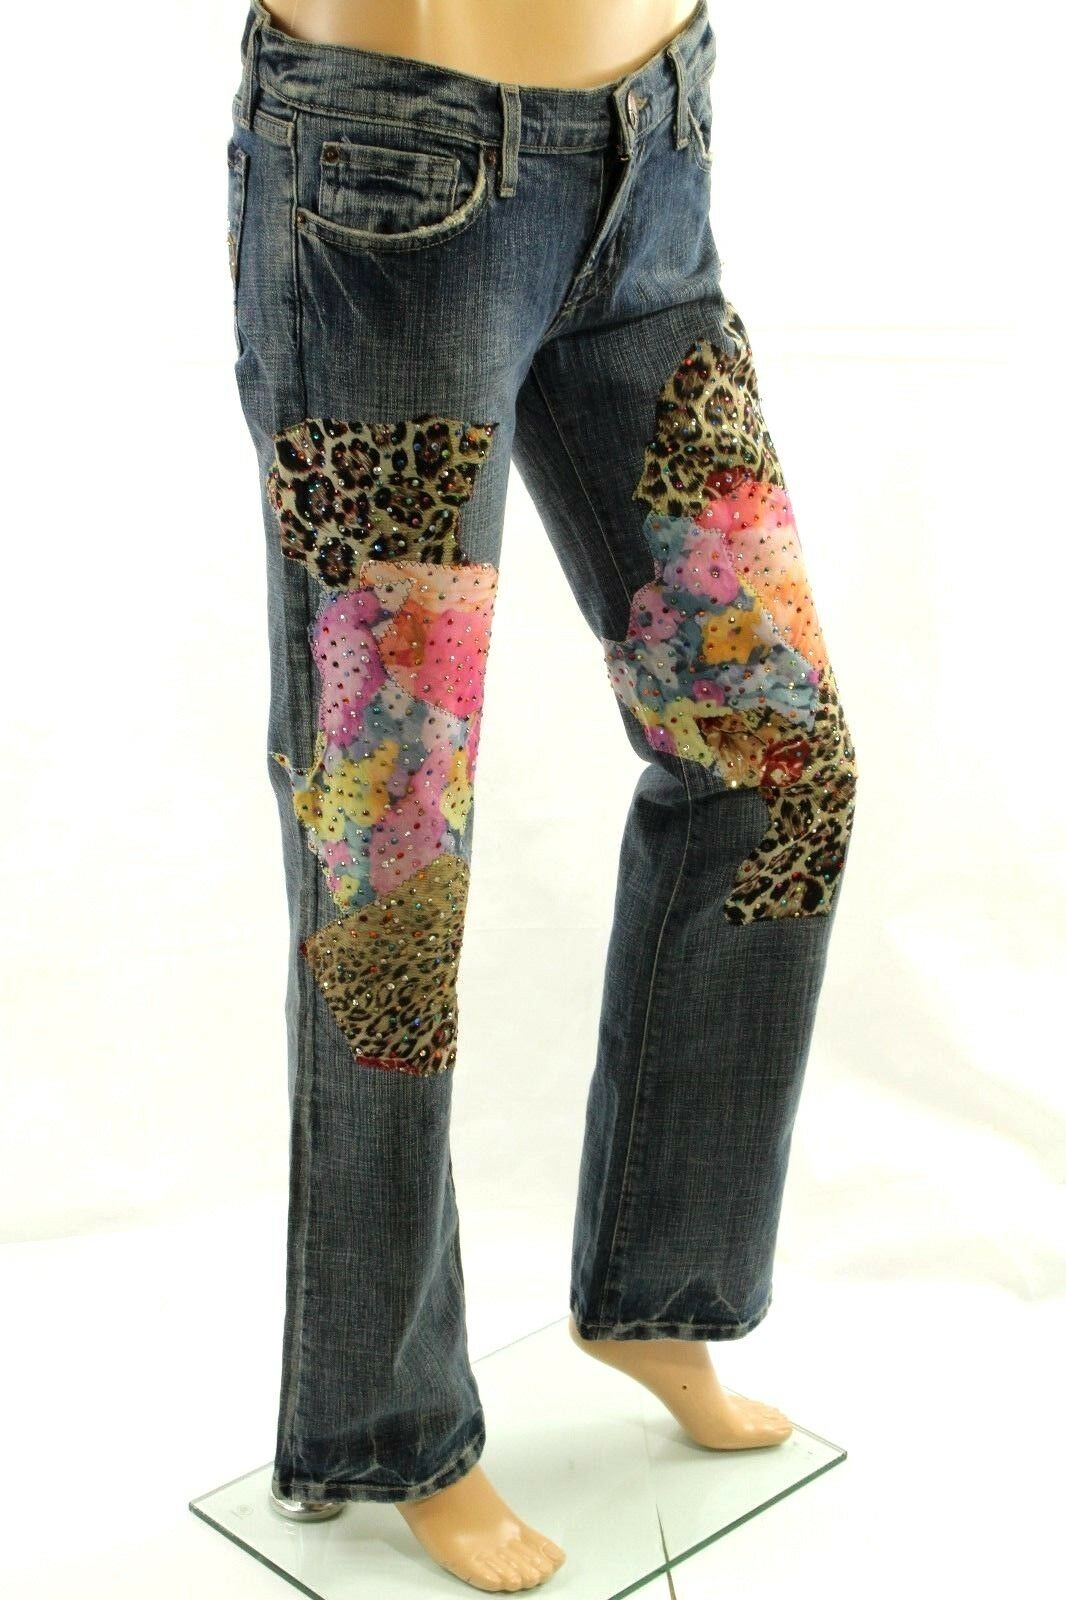 Claudio Claudio Claudio Milano Donna Jeans Taglia 9 Cristallo Decorato Animalier a82dc4